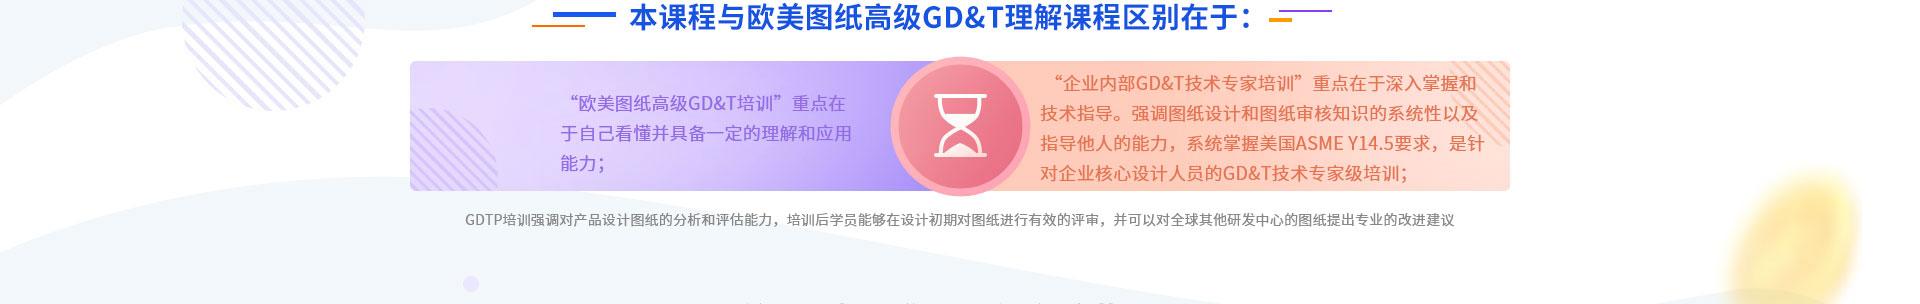 技术专家GDTP培训与欧美图纸高级GD&T理解课程的区别: